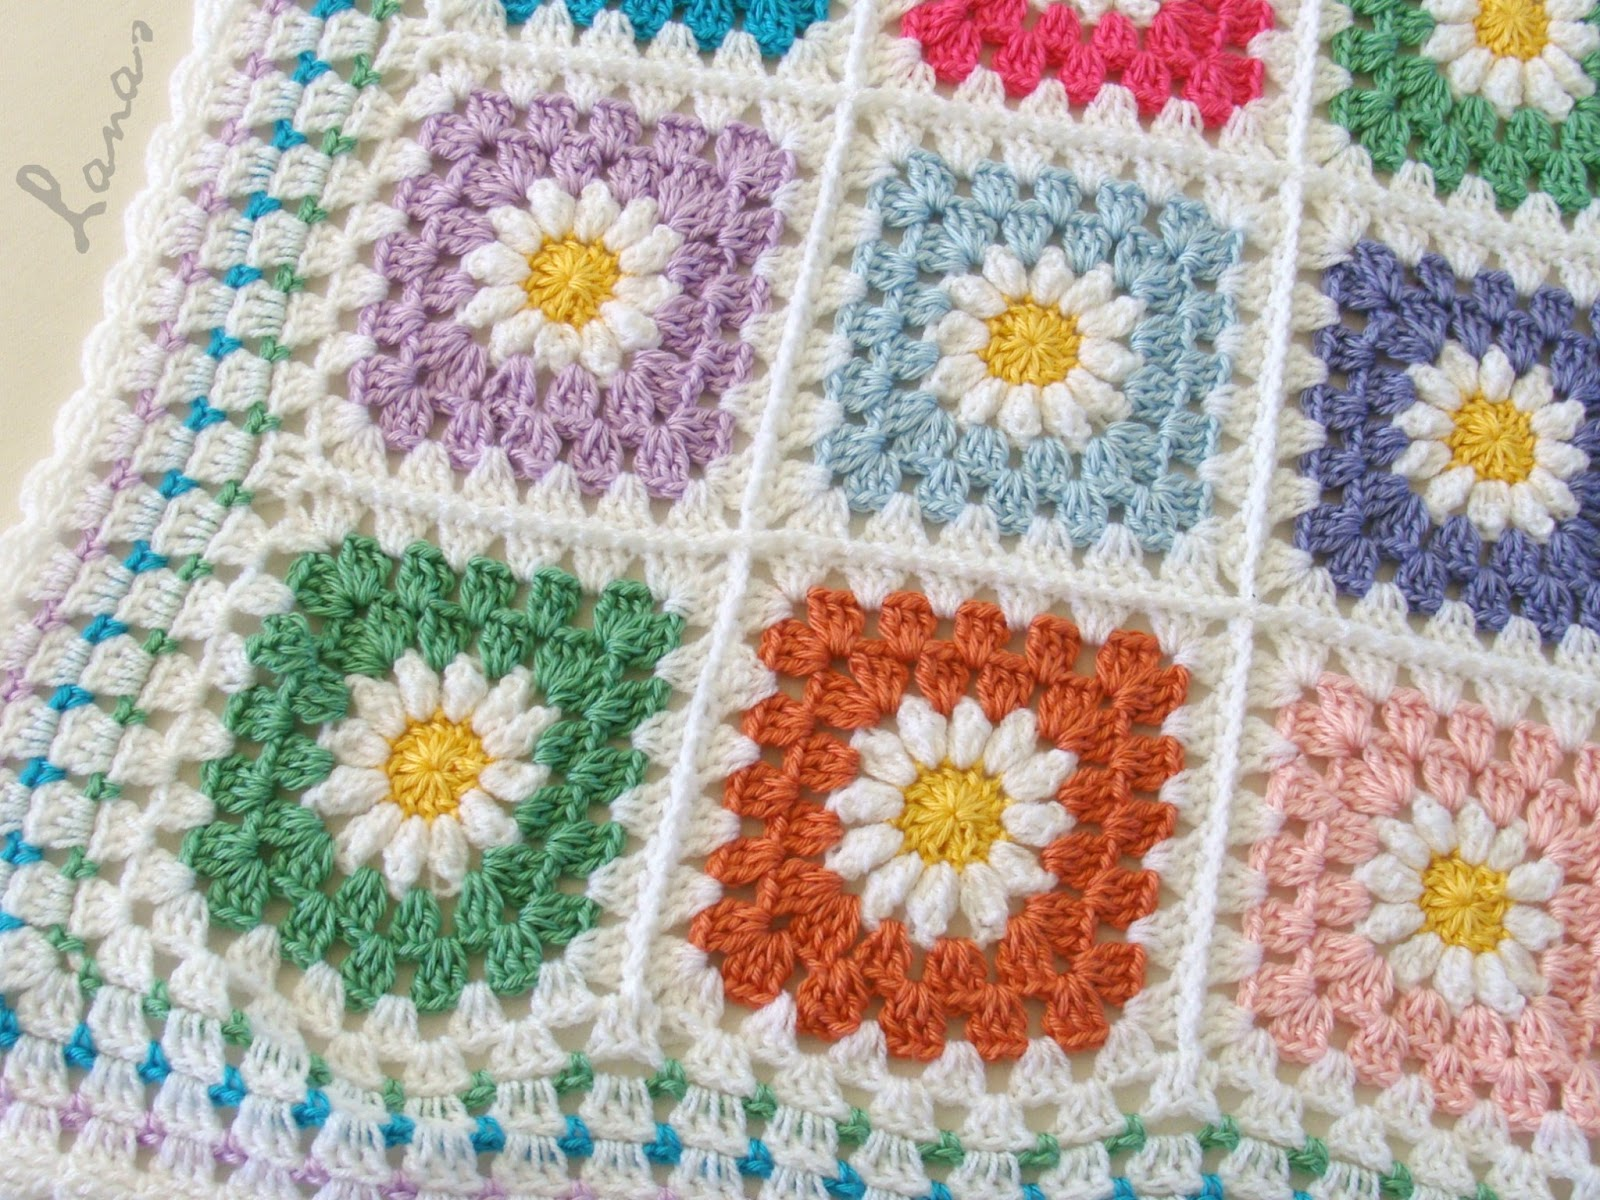 Crochet Daisy Flower Blanket Pattern : Lanas de Ana: Daisy Blanket